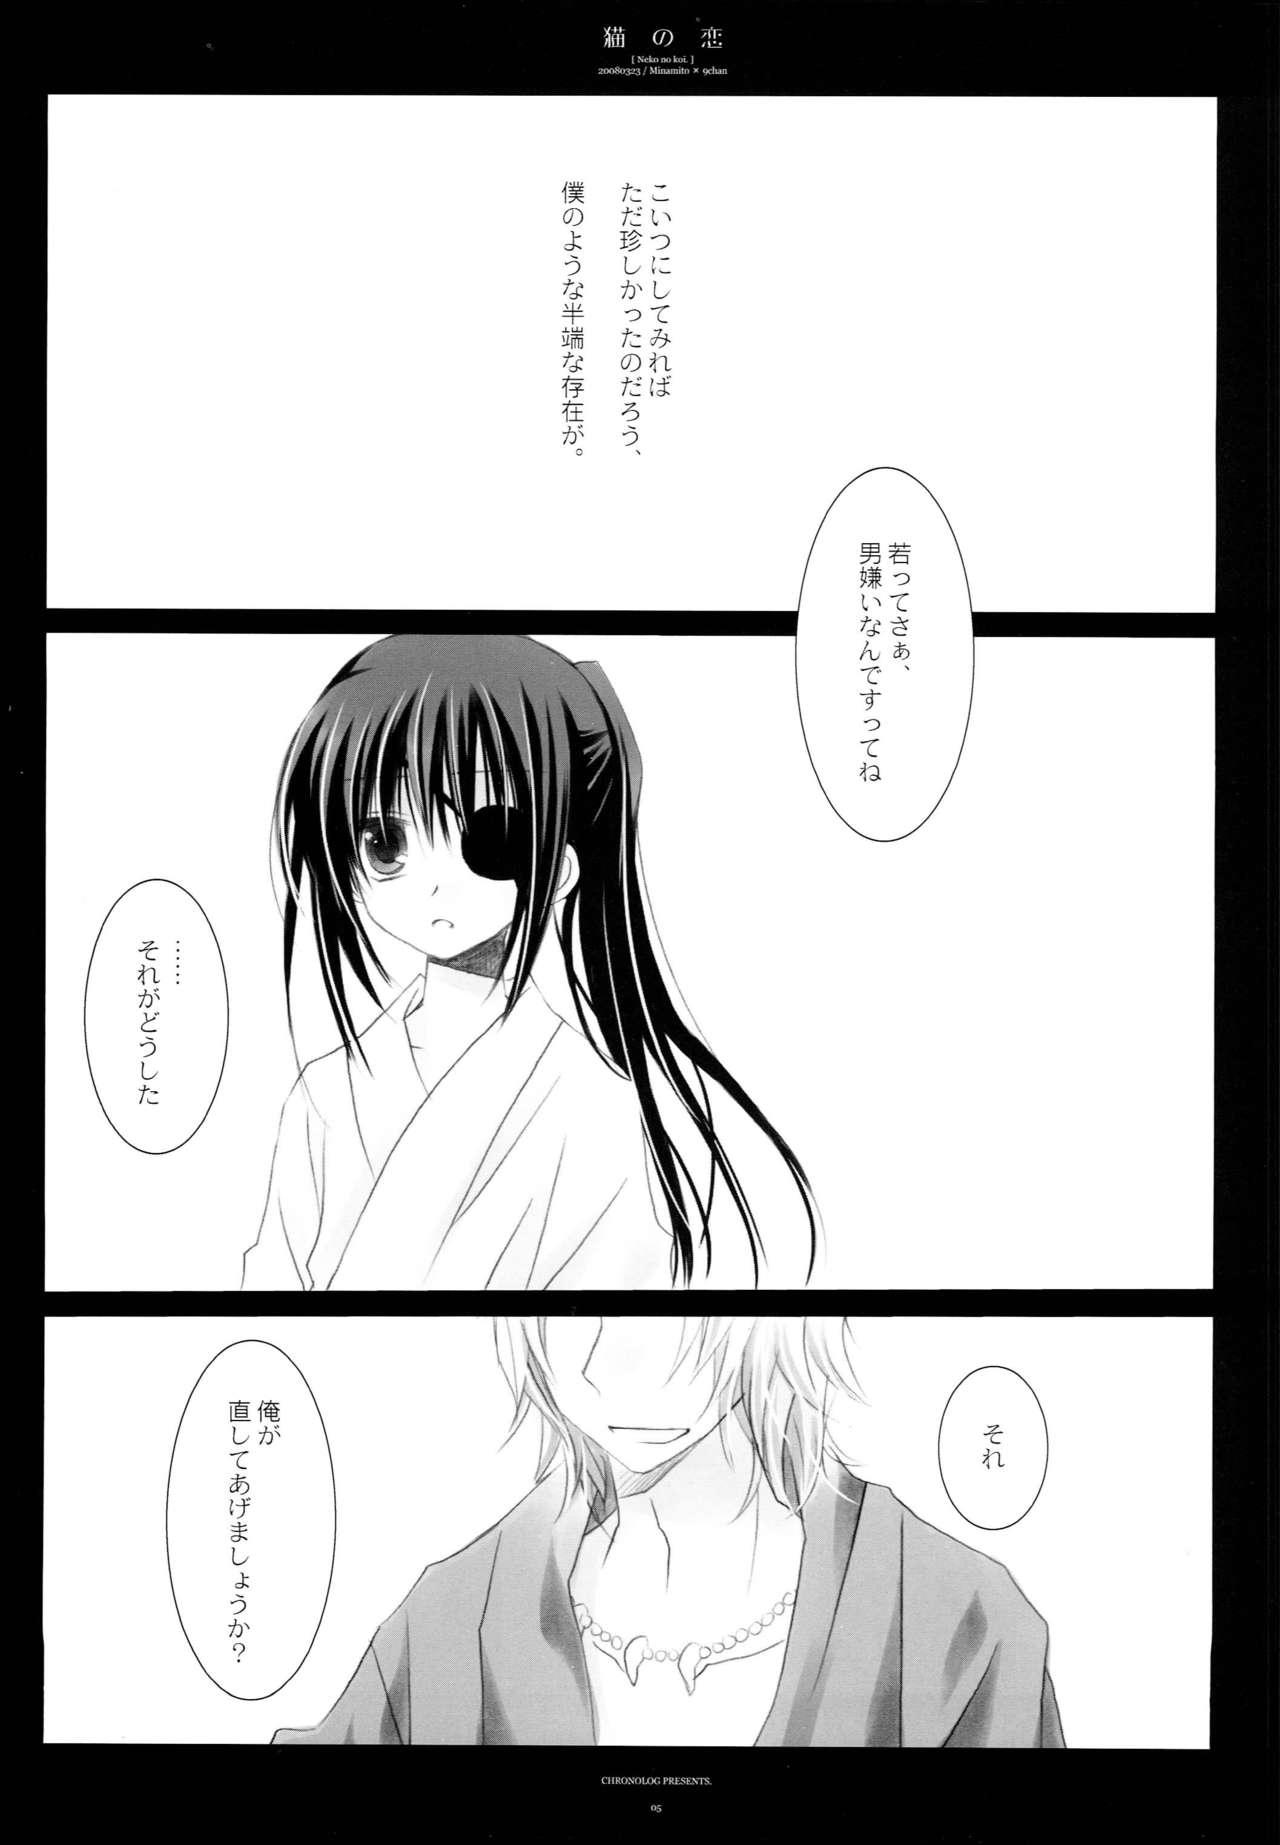 Neko no Koi 3